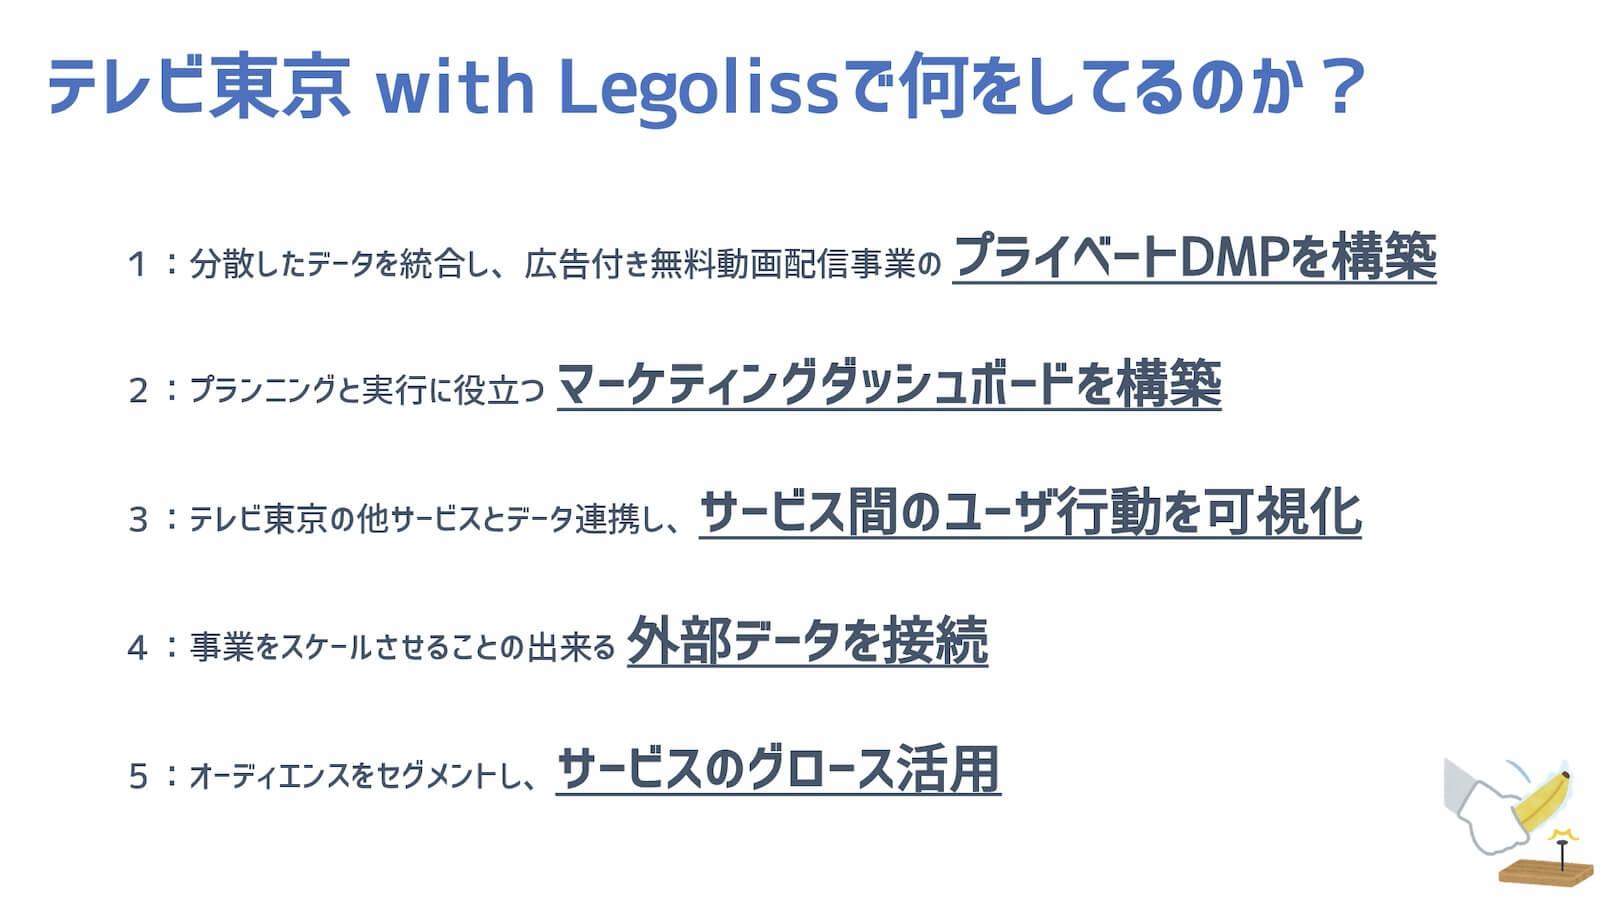 テレビ東京とLegolissによるデータ活用取り組み概要